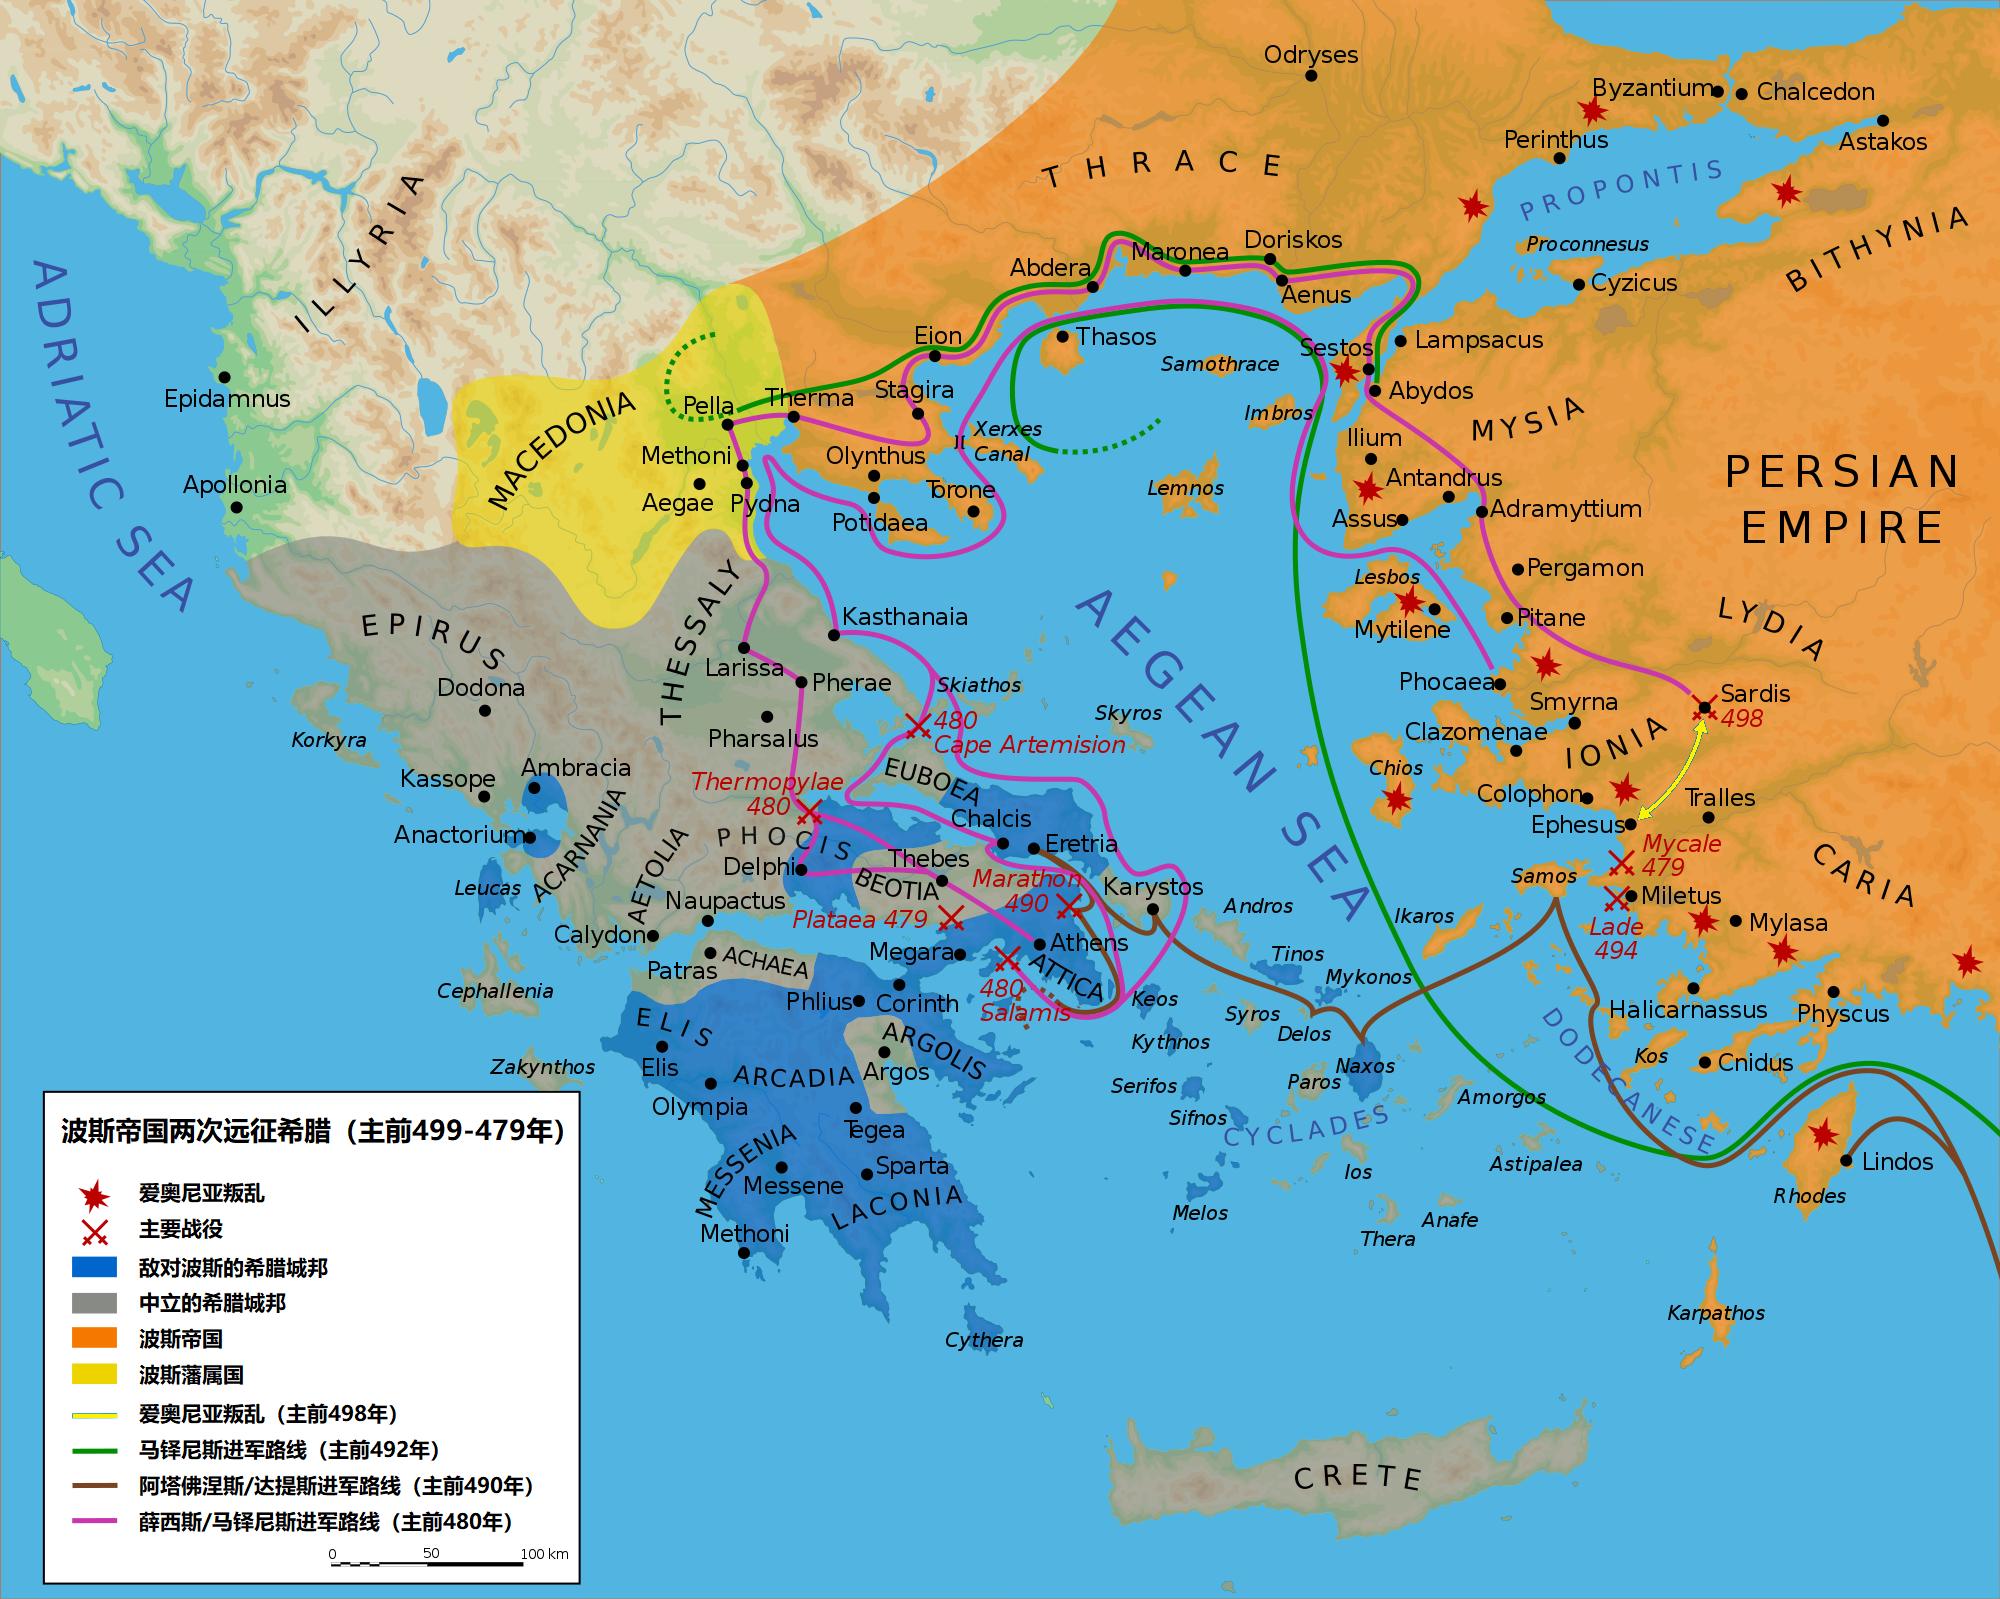 上图:波斯帝国两次远征希腊路线图。希波战争(Greco-Persian Wars)是主前499-449年波斯帝国与希腊城邦之间的一系列战争。主前547年,波斯古列王征服了小亚细亚的希腊城邦爱奥尼亚,但爱奥尼亚一直寻求独立。主前499年,爱奥尼亚发生叛乱,许多小亚细亚小国卷入,欧洲的雅典和埃雷特里亚人帮助他们焚毁了波斯的地方首府撒狄,叛乱持续了6年。为了确保波斯帝国日后不受叛乱的威胁,大流士一世决定先发制人,征服希腊。 第一次远征始于主前492年,波斯将军马铎尼斯指挥军队攻下了色雷斯和马其顿,但因征途中的小差错而功败垂成。主前490年,达提斯和阿塔佛涅斯率军横渡爱琴海,摧毁了埃雷特里亚,但在马拉松战役被雅典军队打败,大流士一世也于主前486年去世。 主前480年,大流士之子薛西斯一世亲率古代史上首屈一指的大军第二次远征希腊,在温泉关战役中击败了斯巴达和雅典联军,一度占领了希腊的大部分土地。但波斯海军却在萨拉米斯海战中被希腊联军击溃,随后希腊人转守为攻,在普拉提亚战役中再次得胜,从而结束了波斯的第二次入侵。